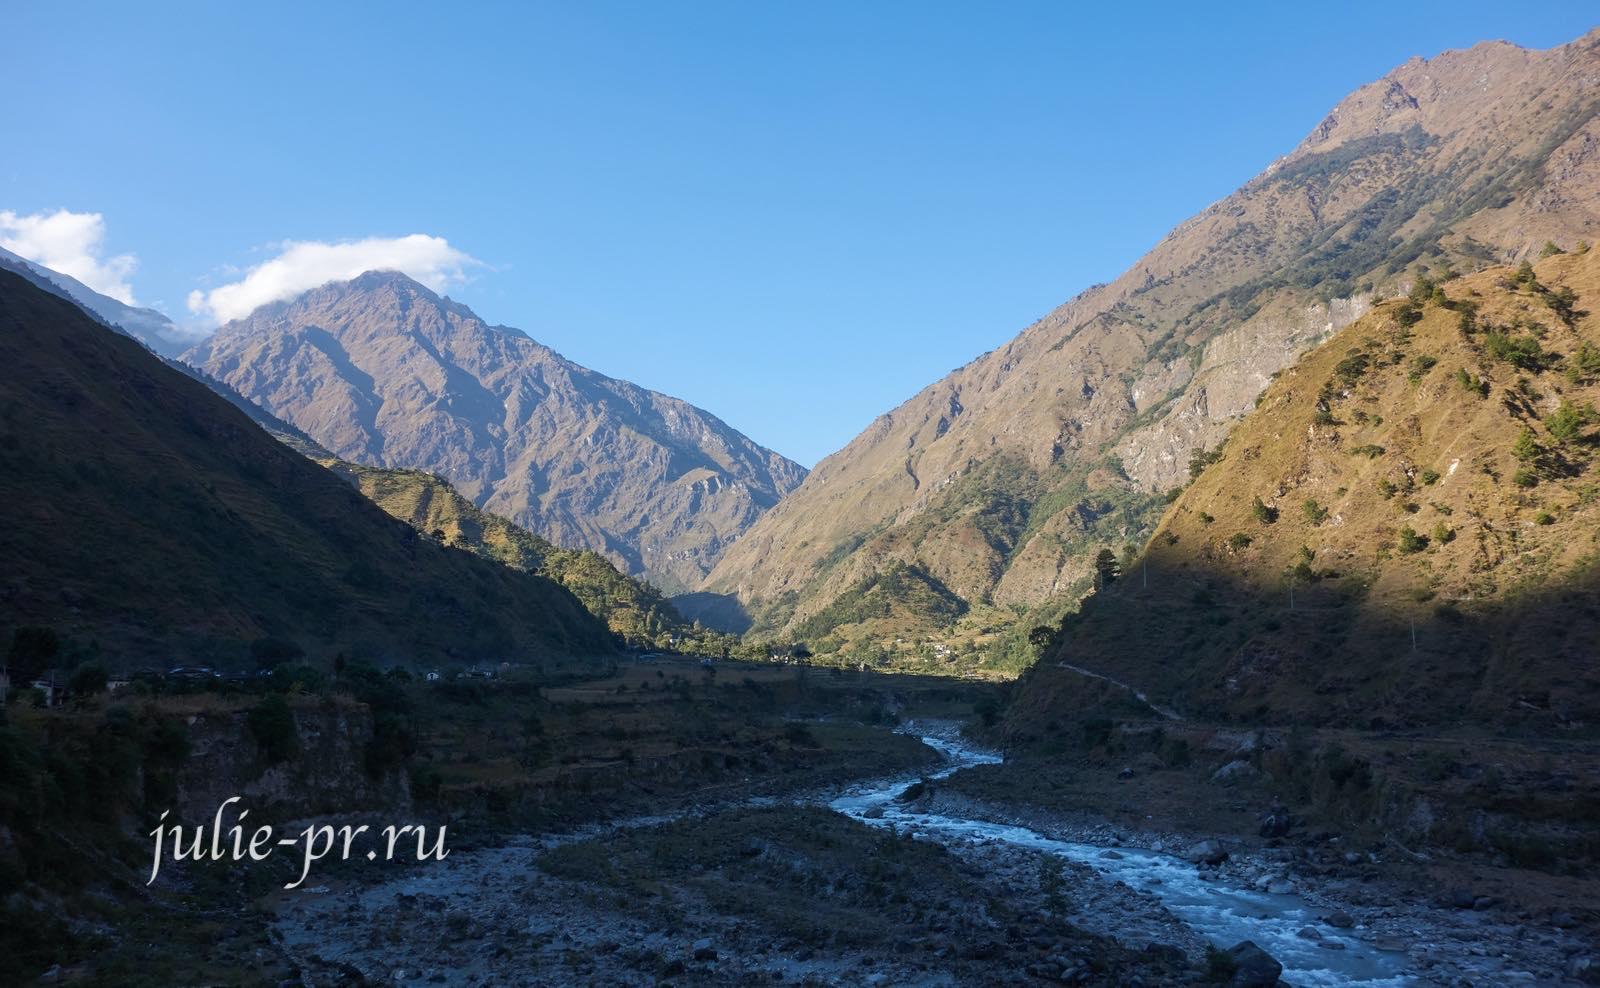 Непал, Трек вокруг Аннапурны, долина реки Кали-Гандаки